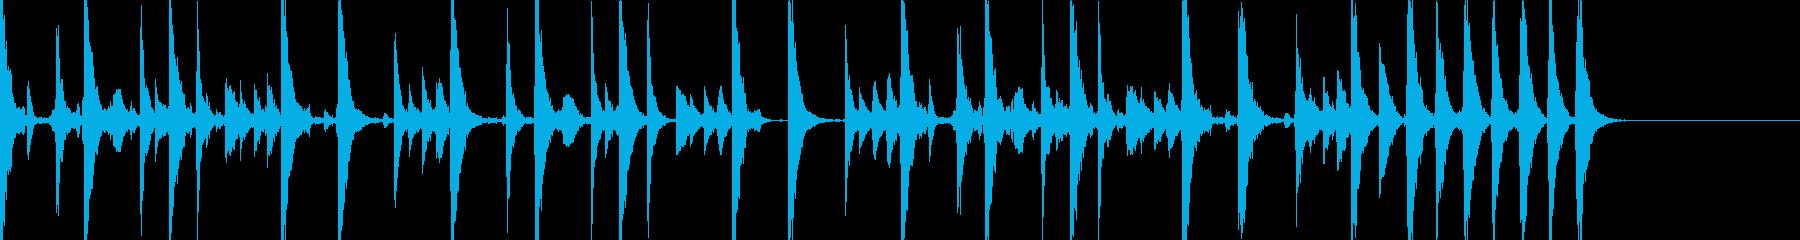 EDM ビルドアップ用サンプルの再生済みの波形